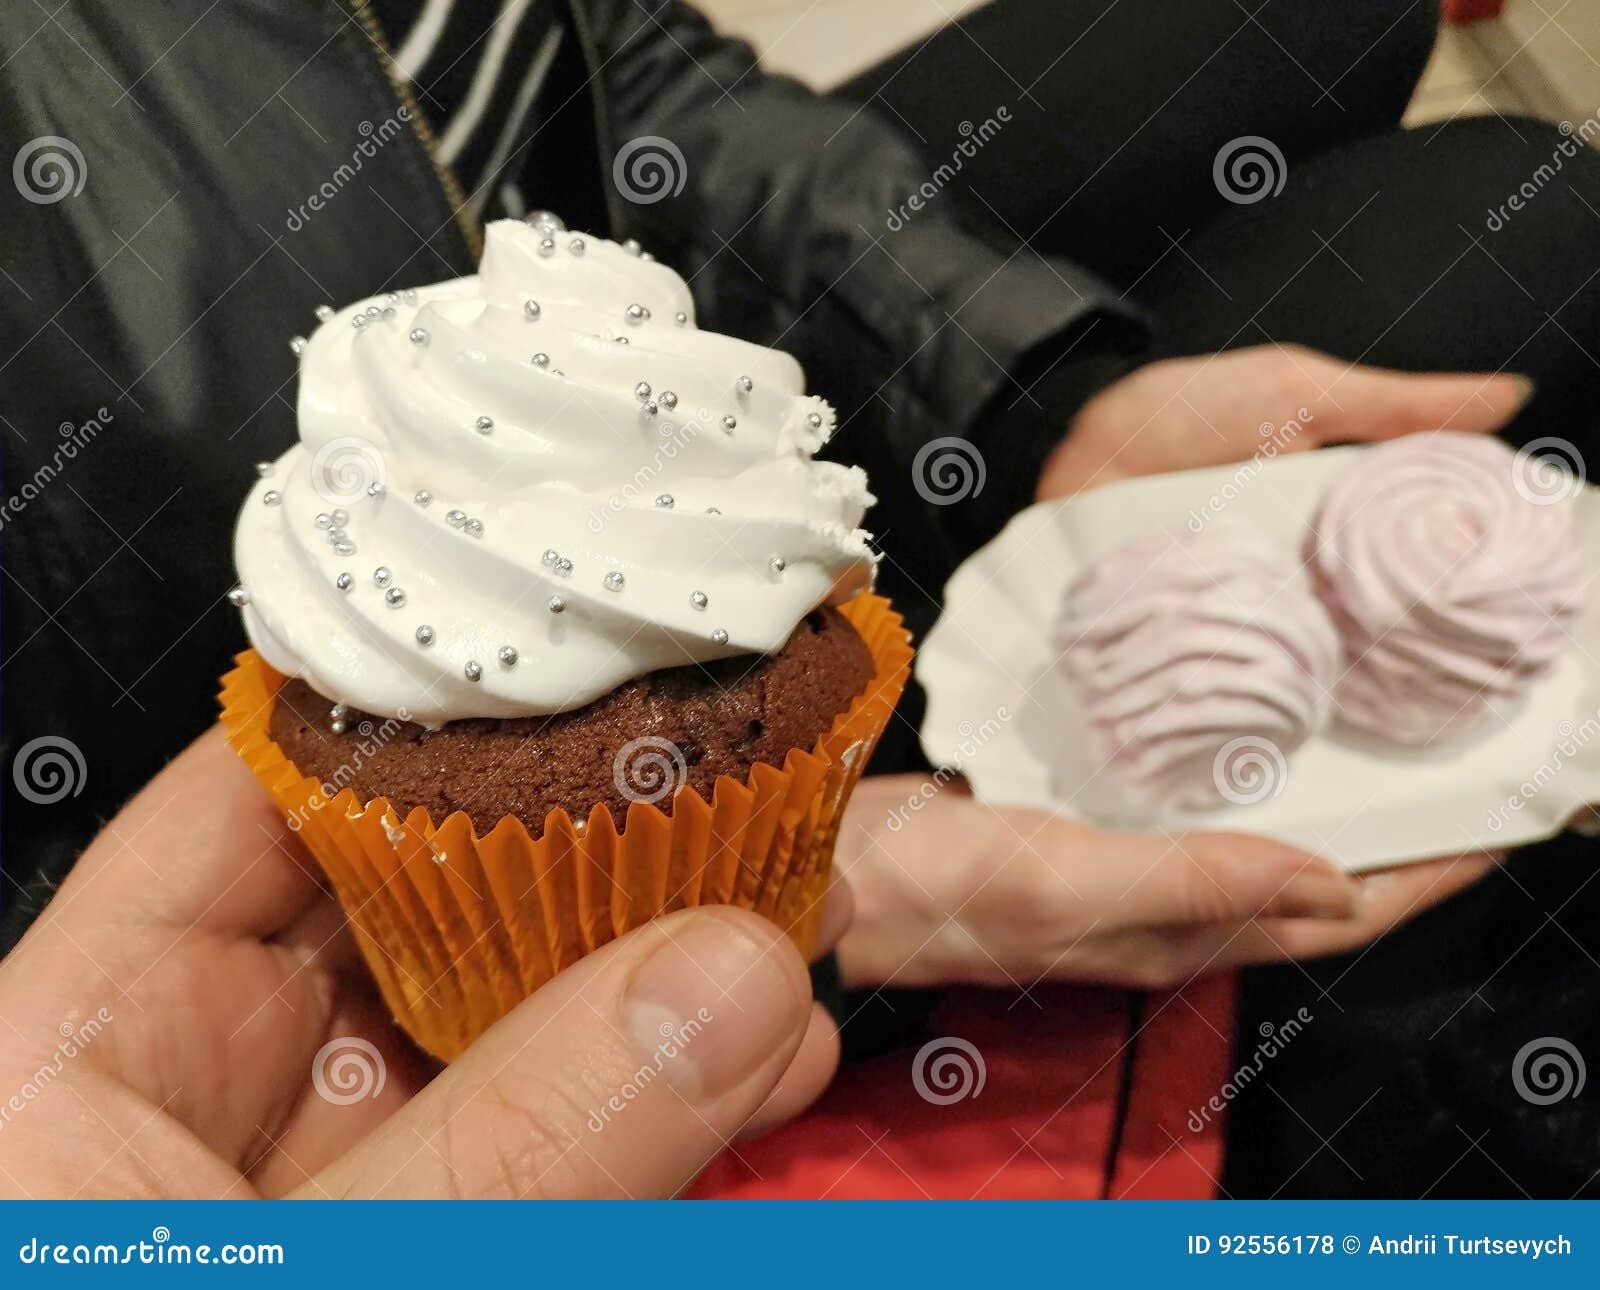 Dolce di cioccolato con crema bianca nel braccio, primo piano